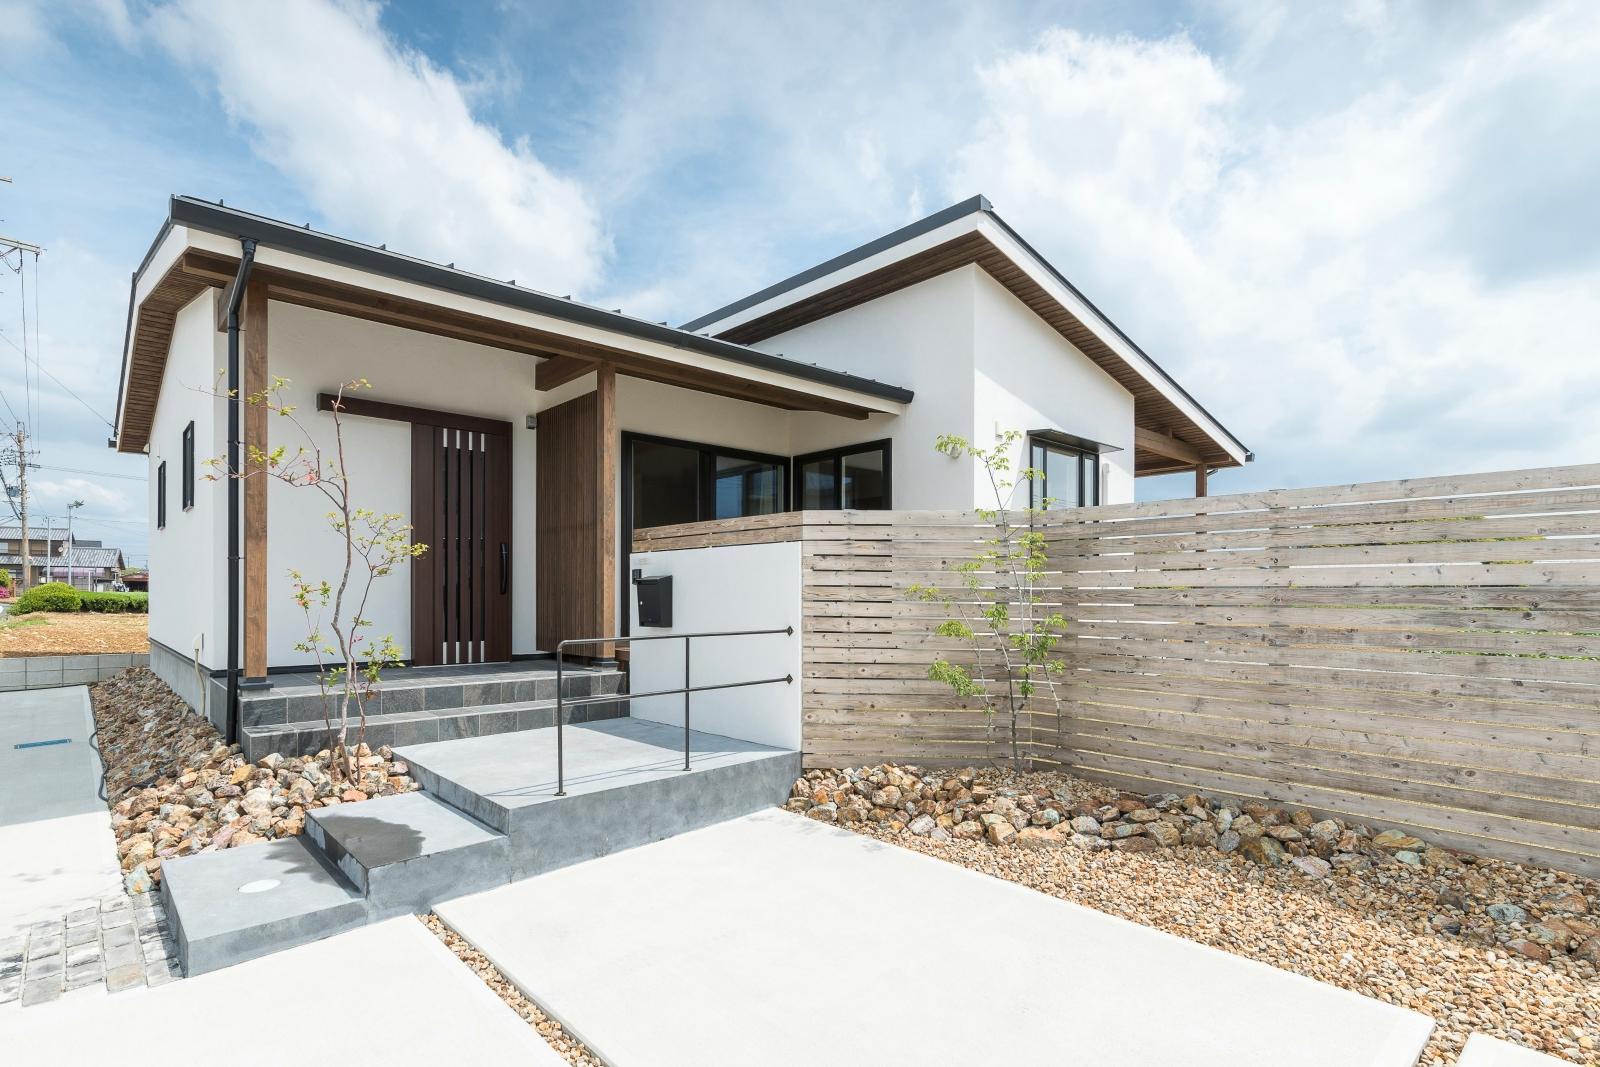 玄関横の木格子と木塀がバランスよく配置され、プライバシーを守りつつ開放的な空間を演出する美しいフォルムの平屋